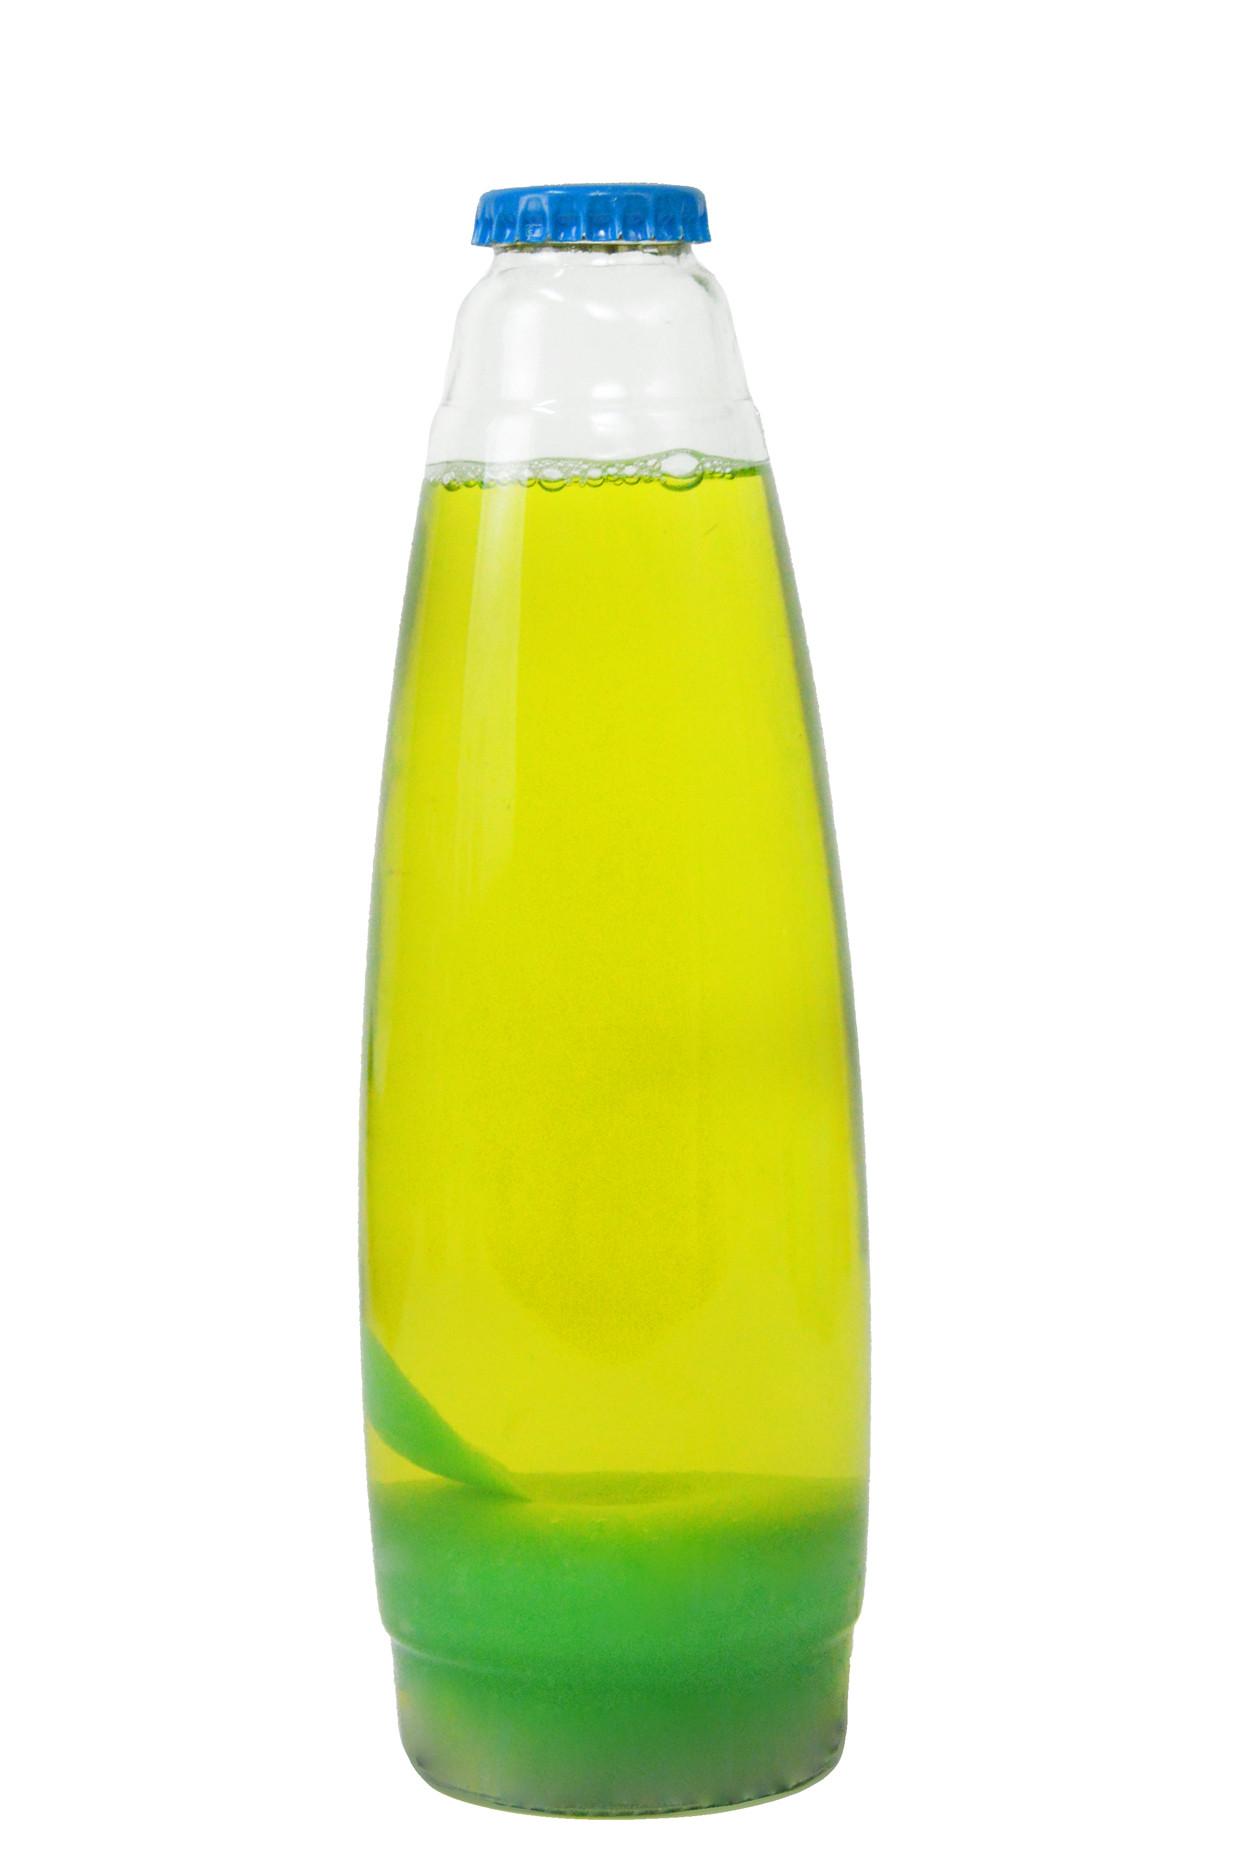 Колба для лава-лампы 35 см Зелёная/Жёлтая (20*5,5)